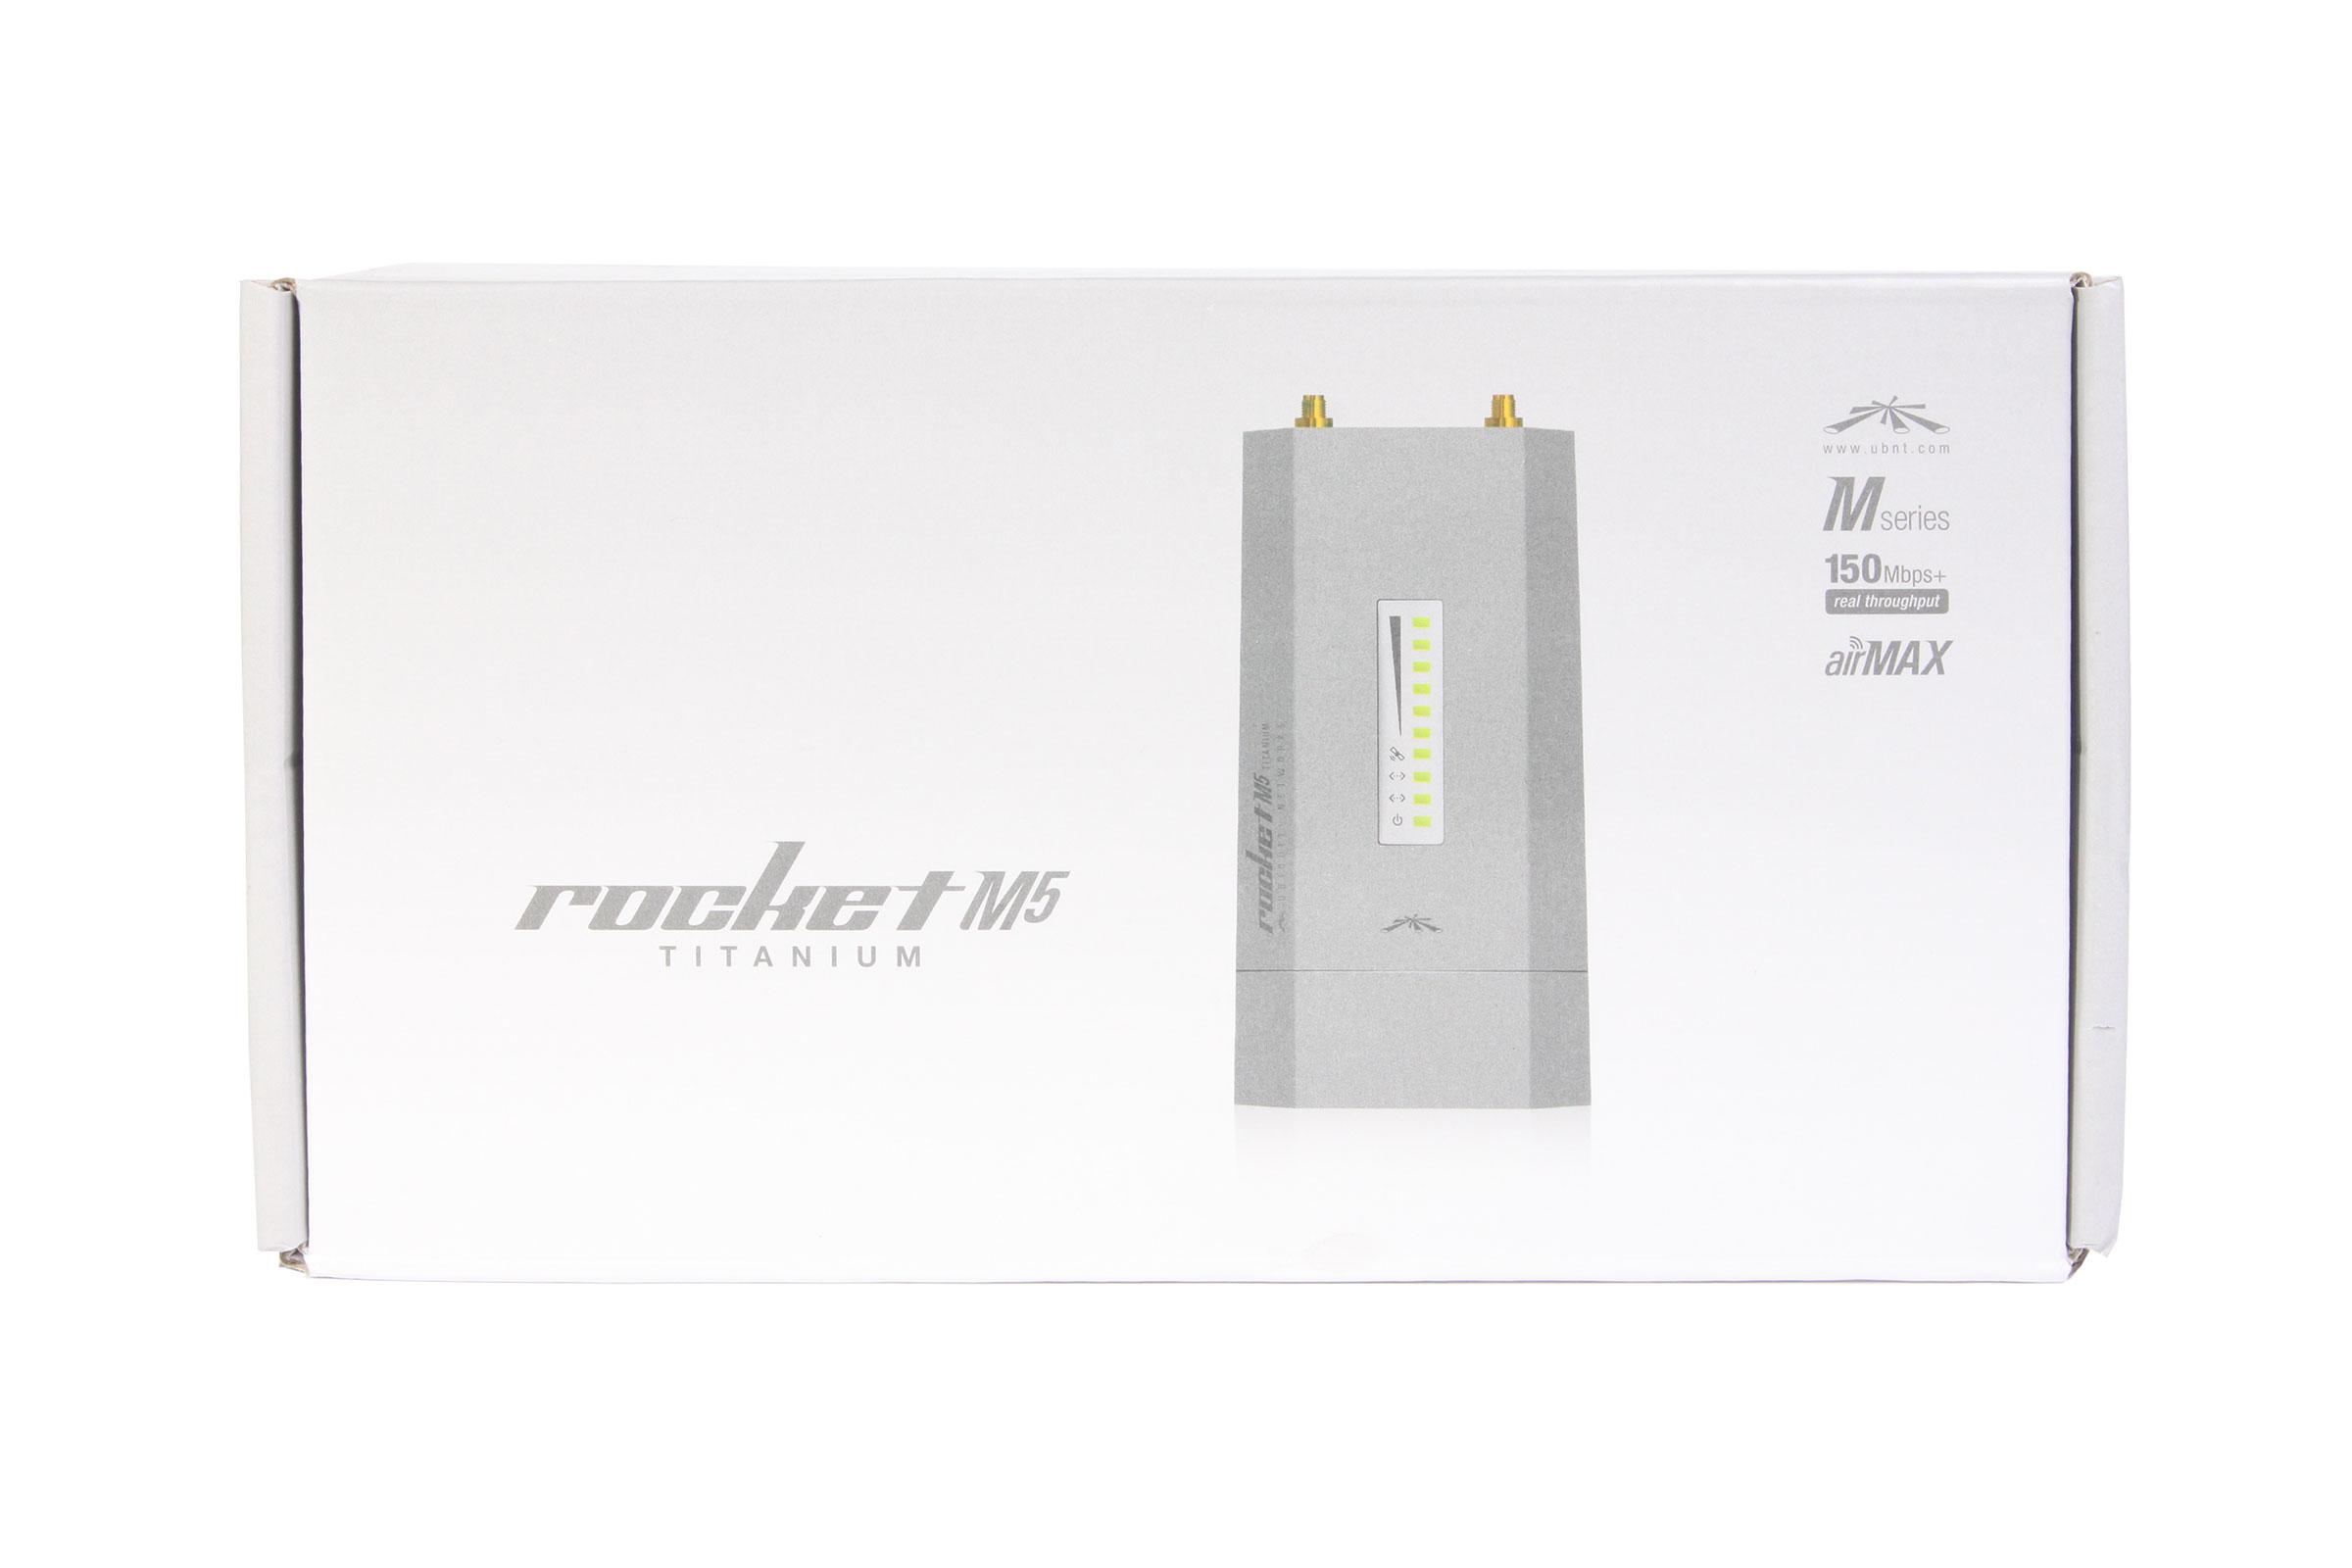 Ubiquiti Rocket M5 Titanium - упаковка